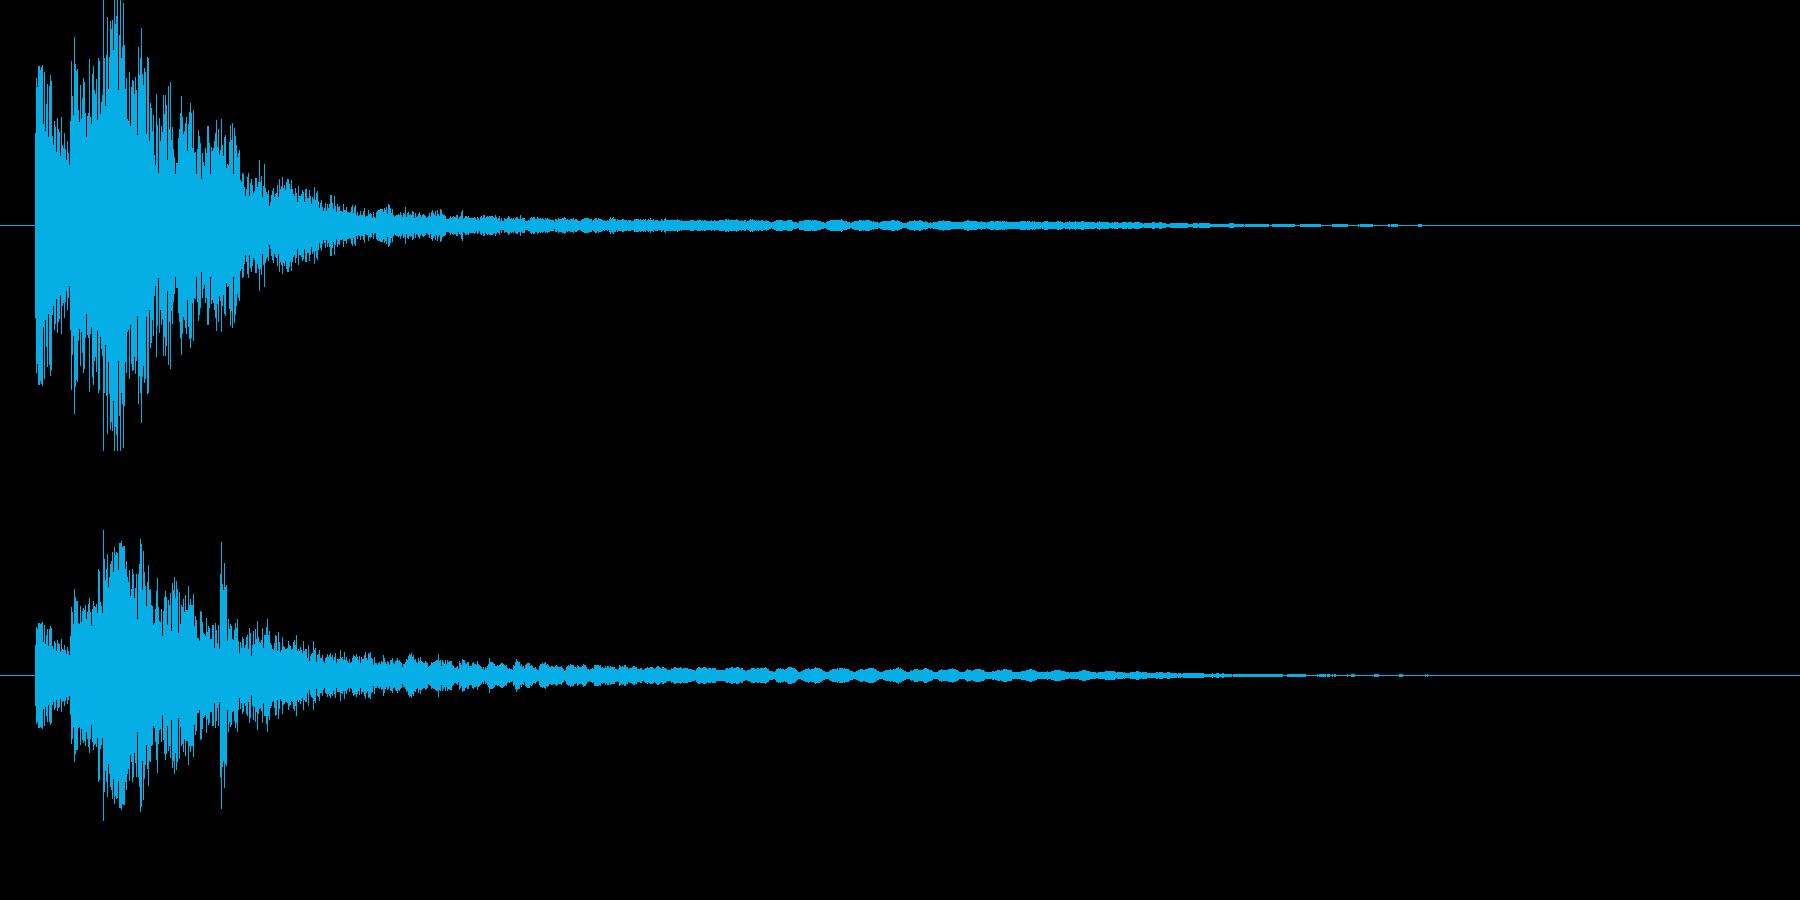 ドルルンチーン、タム回しから鐘の再生済みの波形